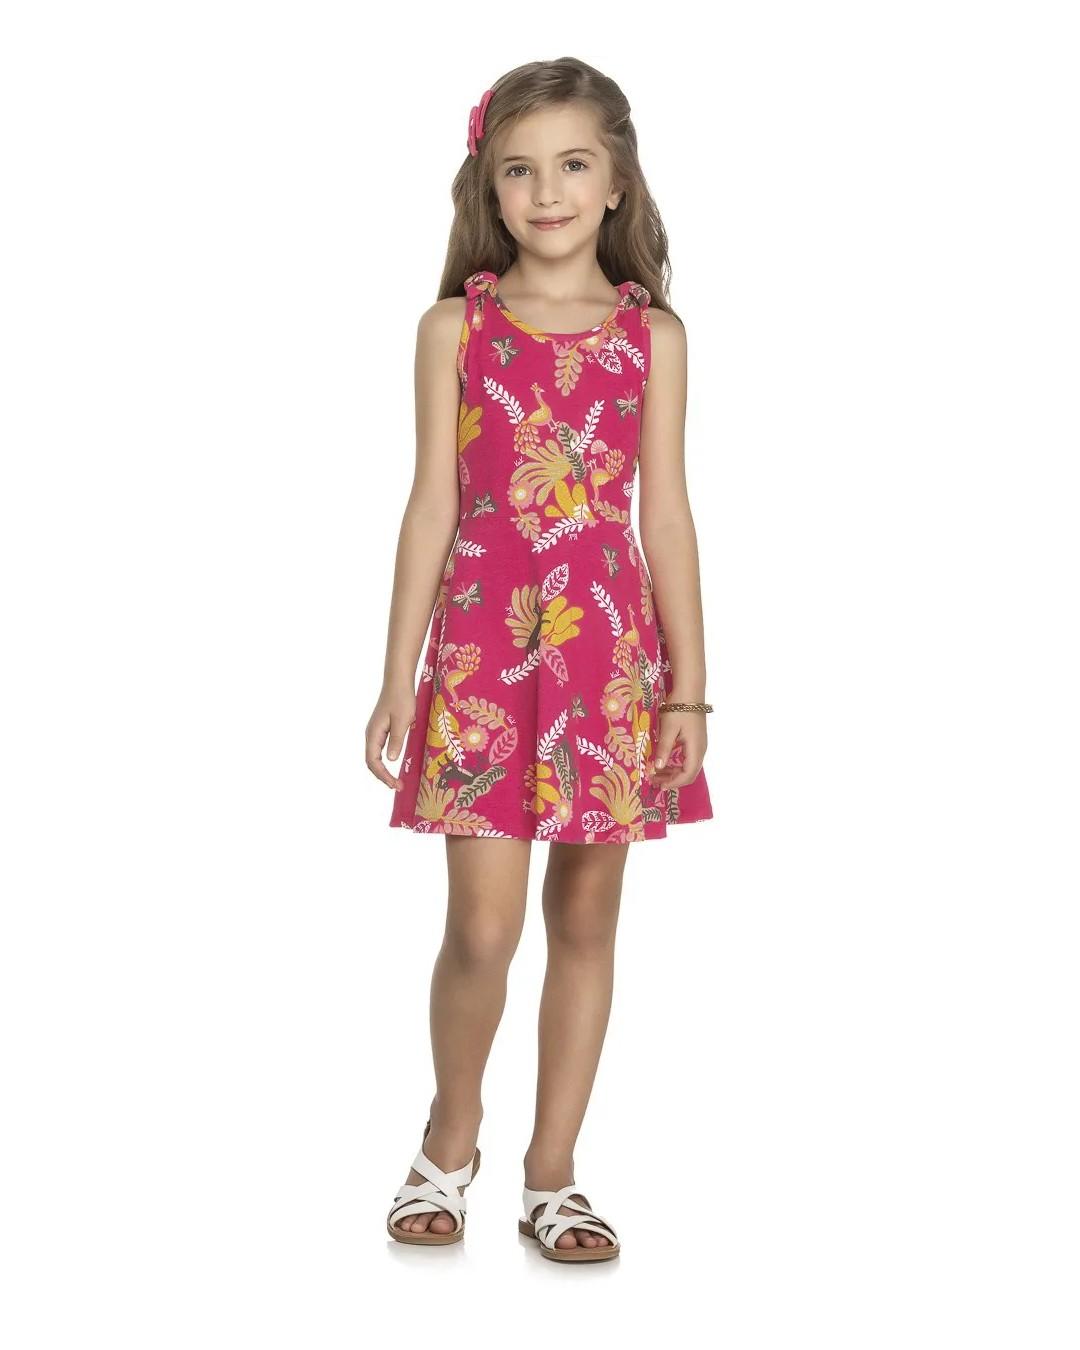 Vestido Infantil Floral Rosa Pink - Kely & Kety